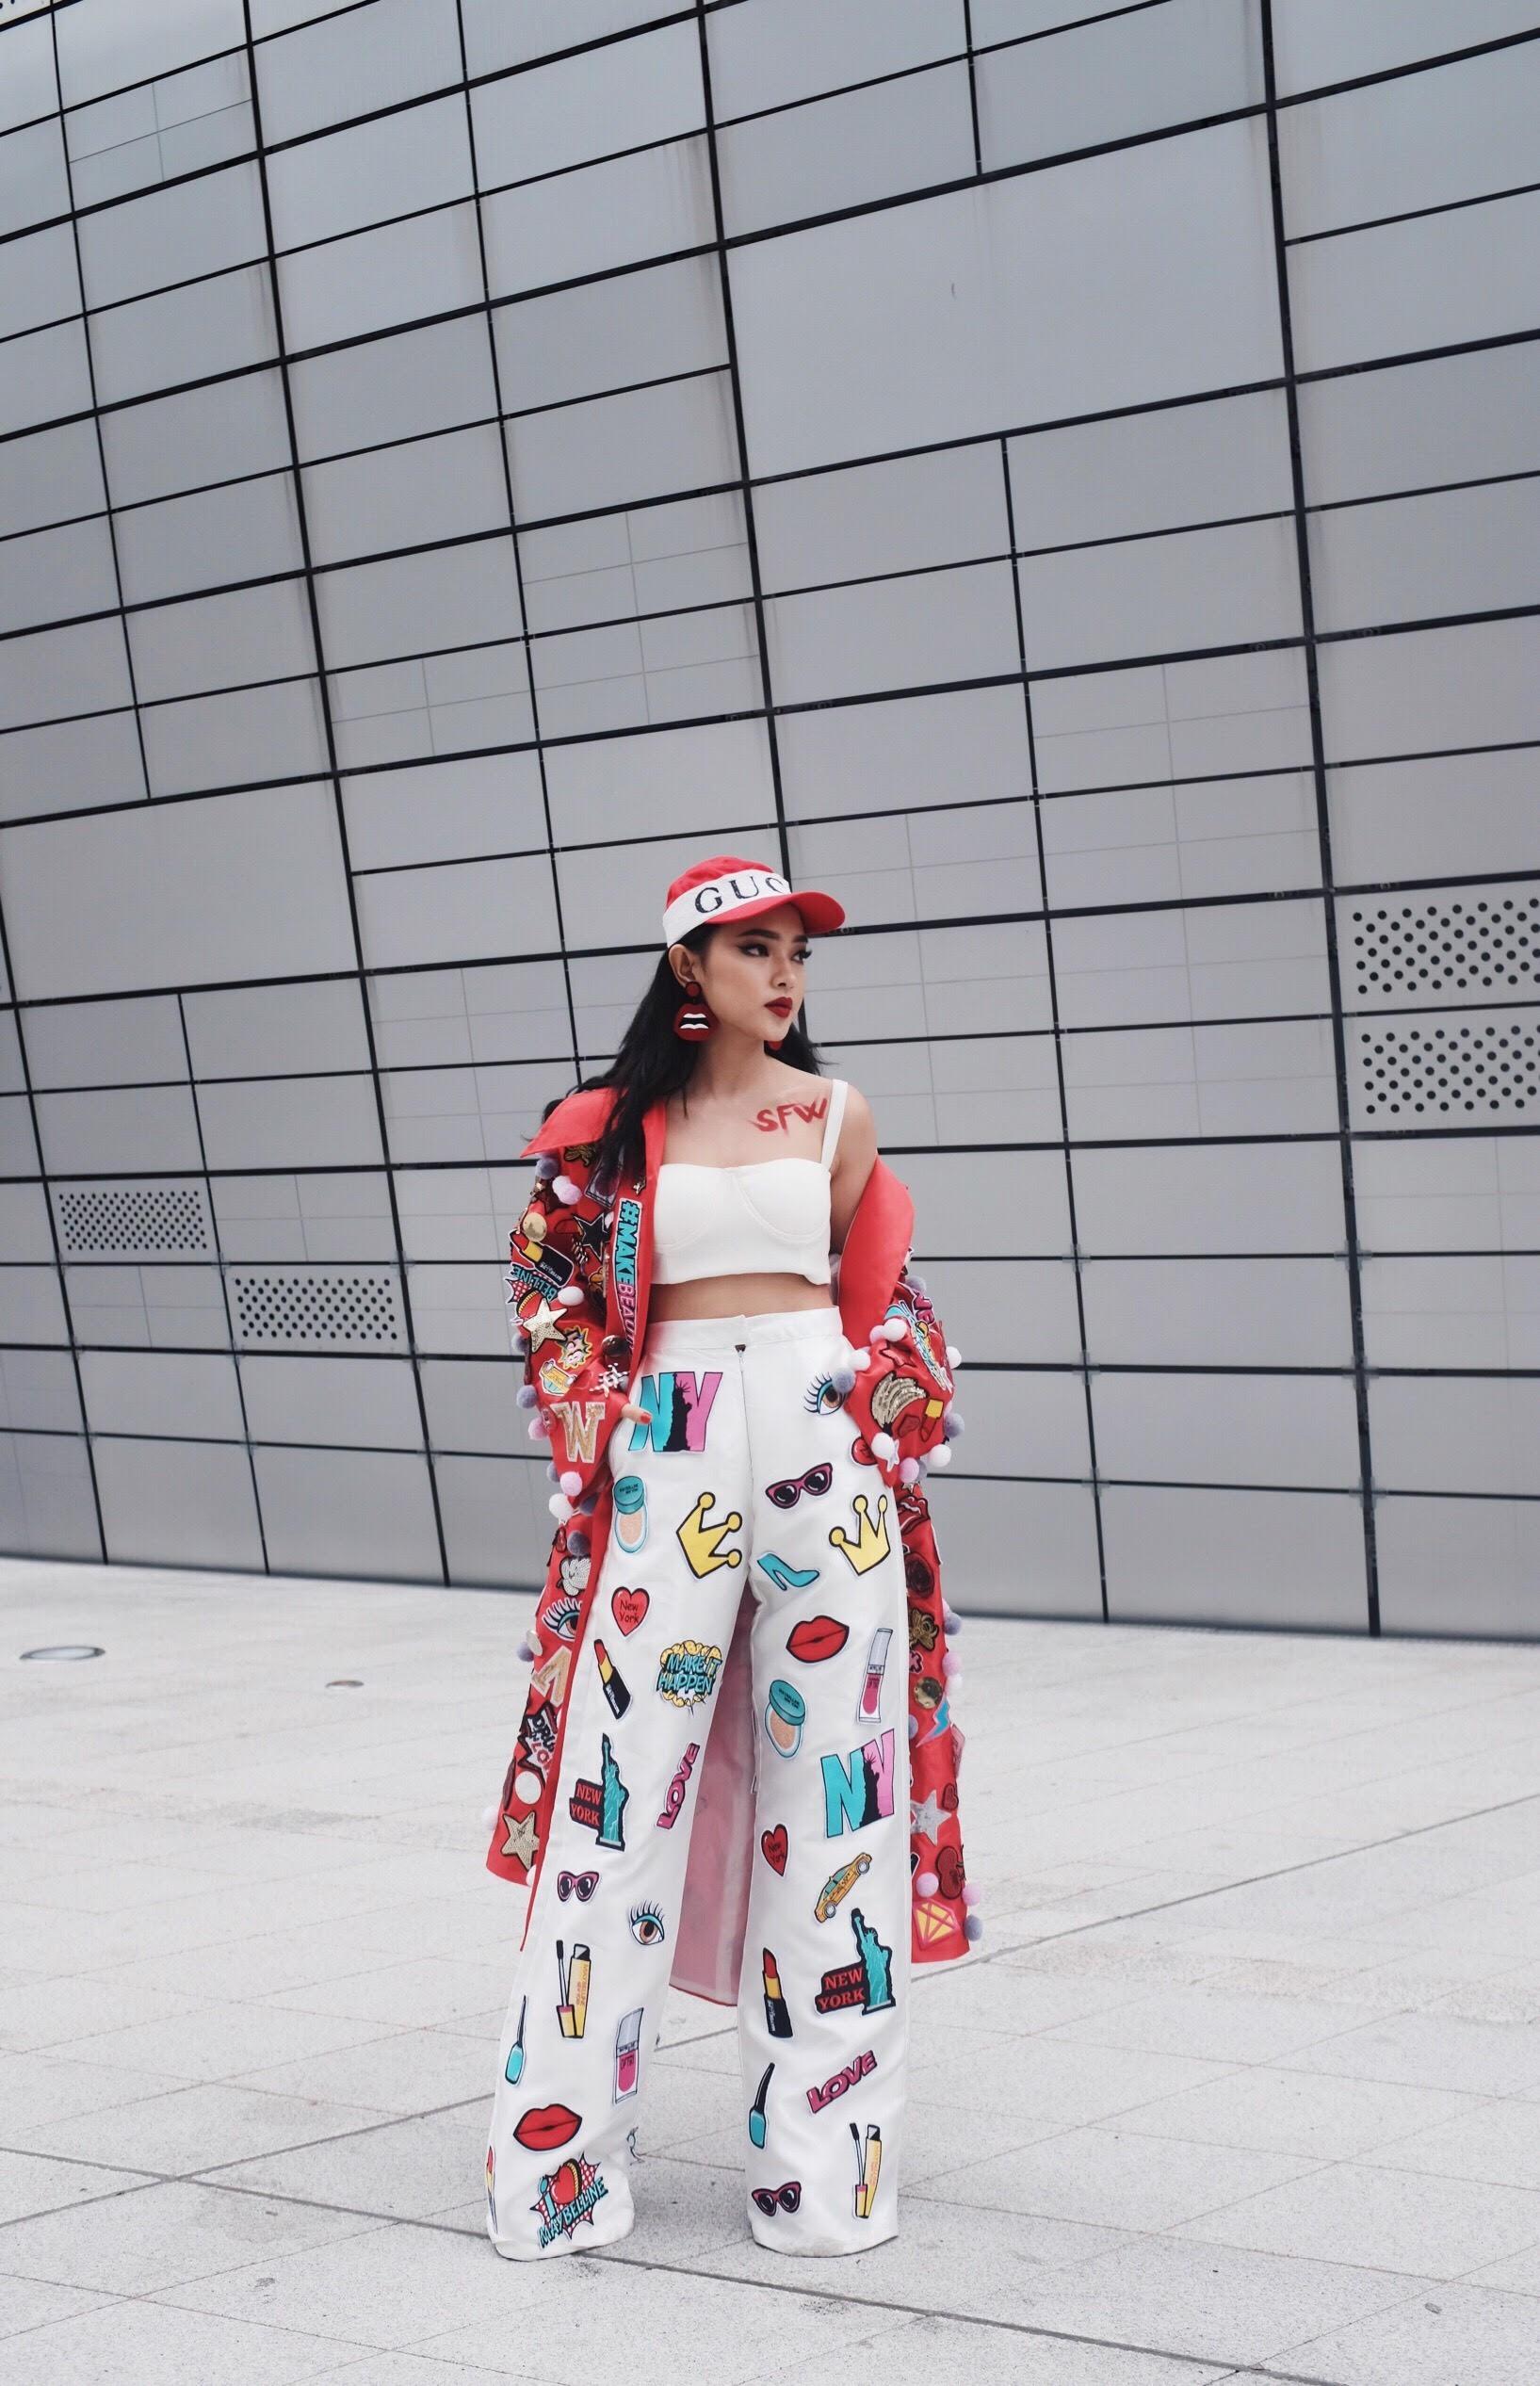 Không đơn thuần là khoe váy áo, sự bùng nổ của fashionista Việt tại các Tuần lễ thời trang còn mang ý nghĩa nhiều hơn thế - Ảnh 4.